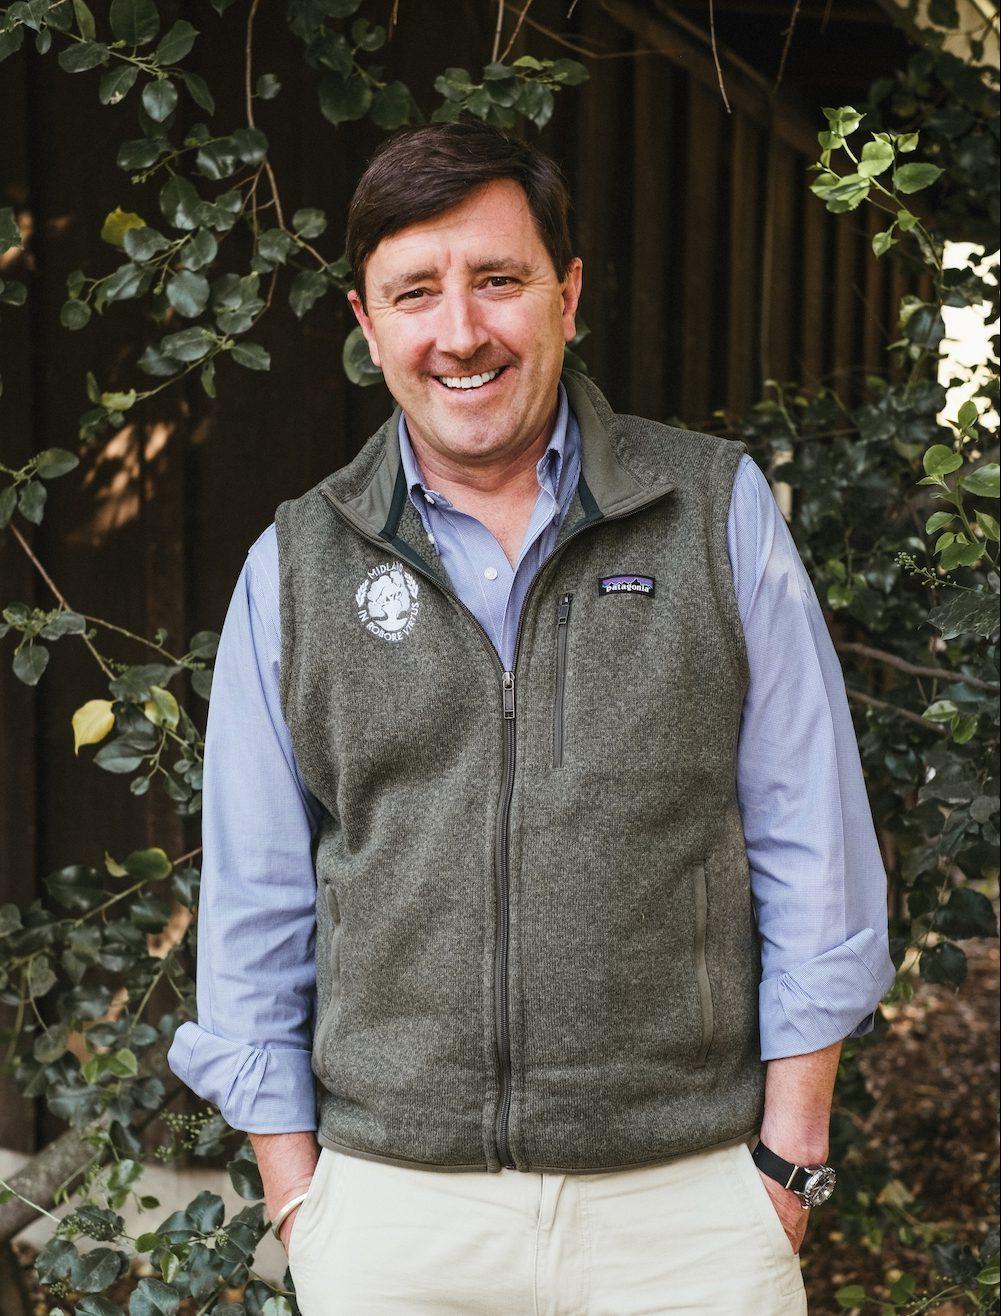 Head of School, Christopher Barnes